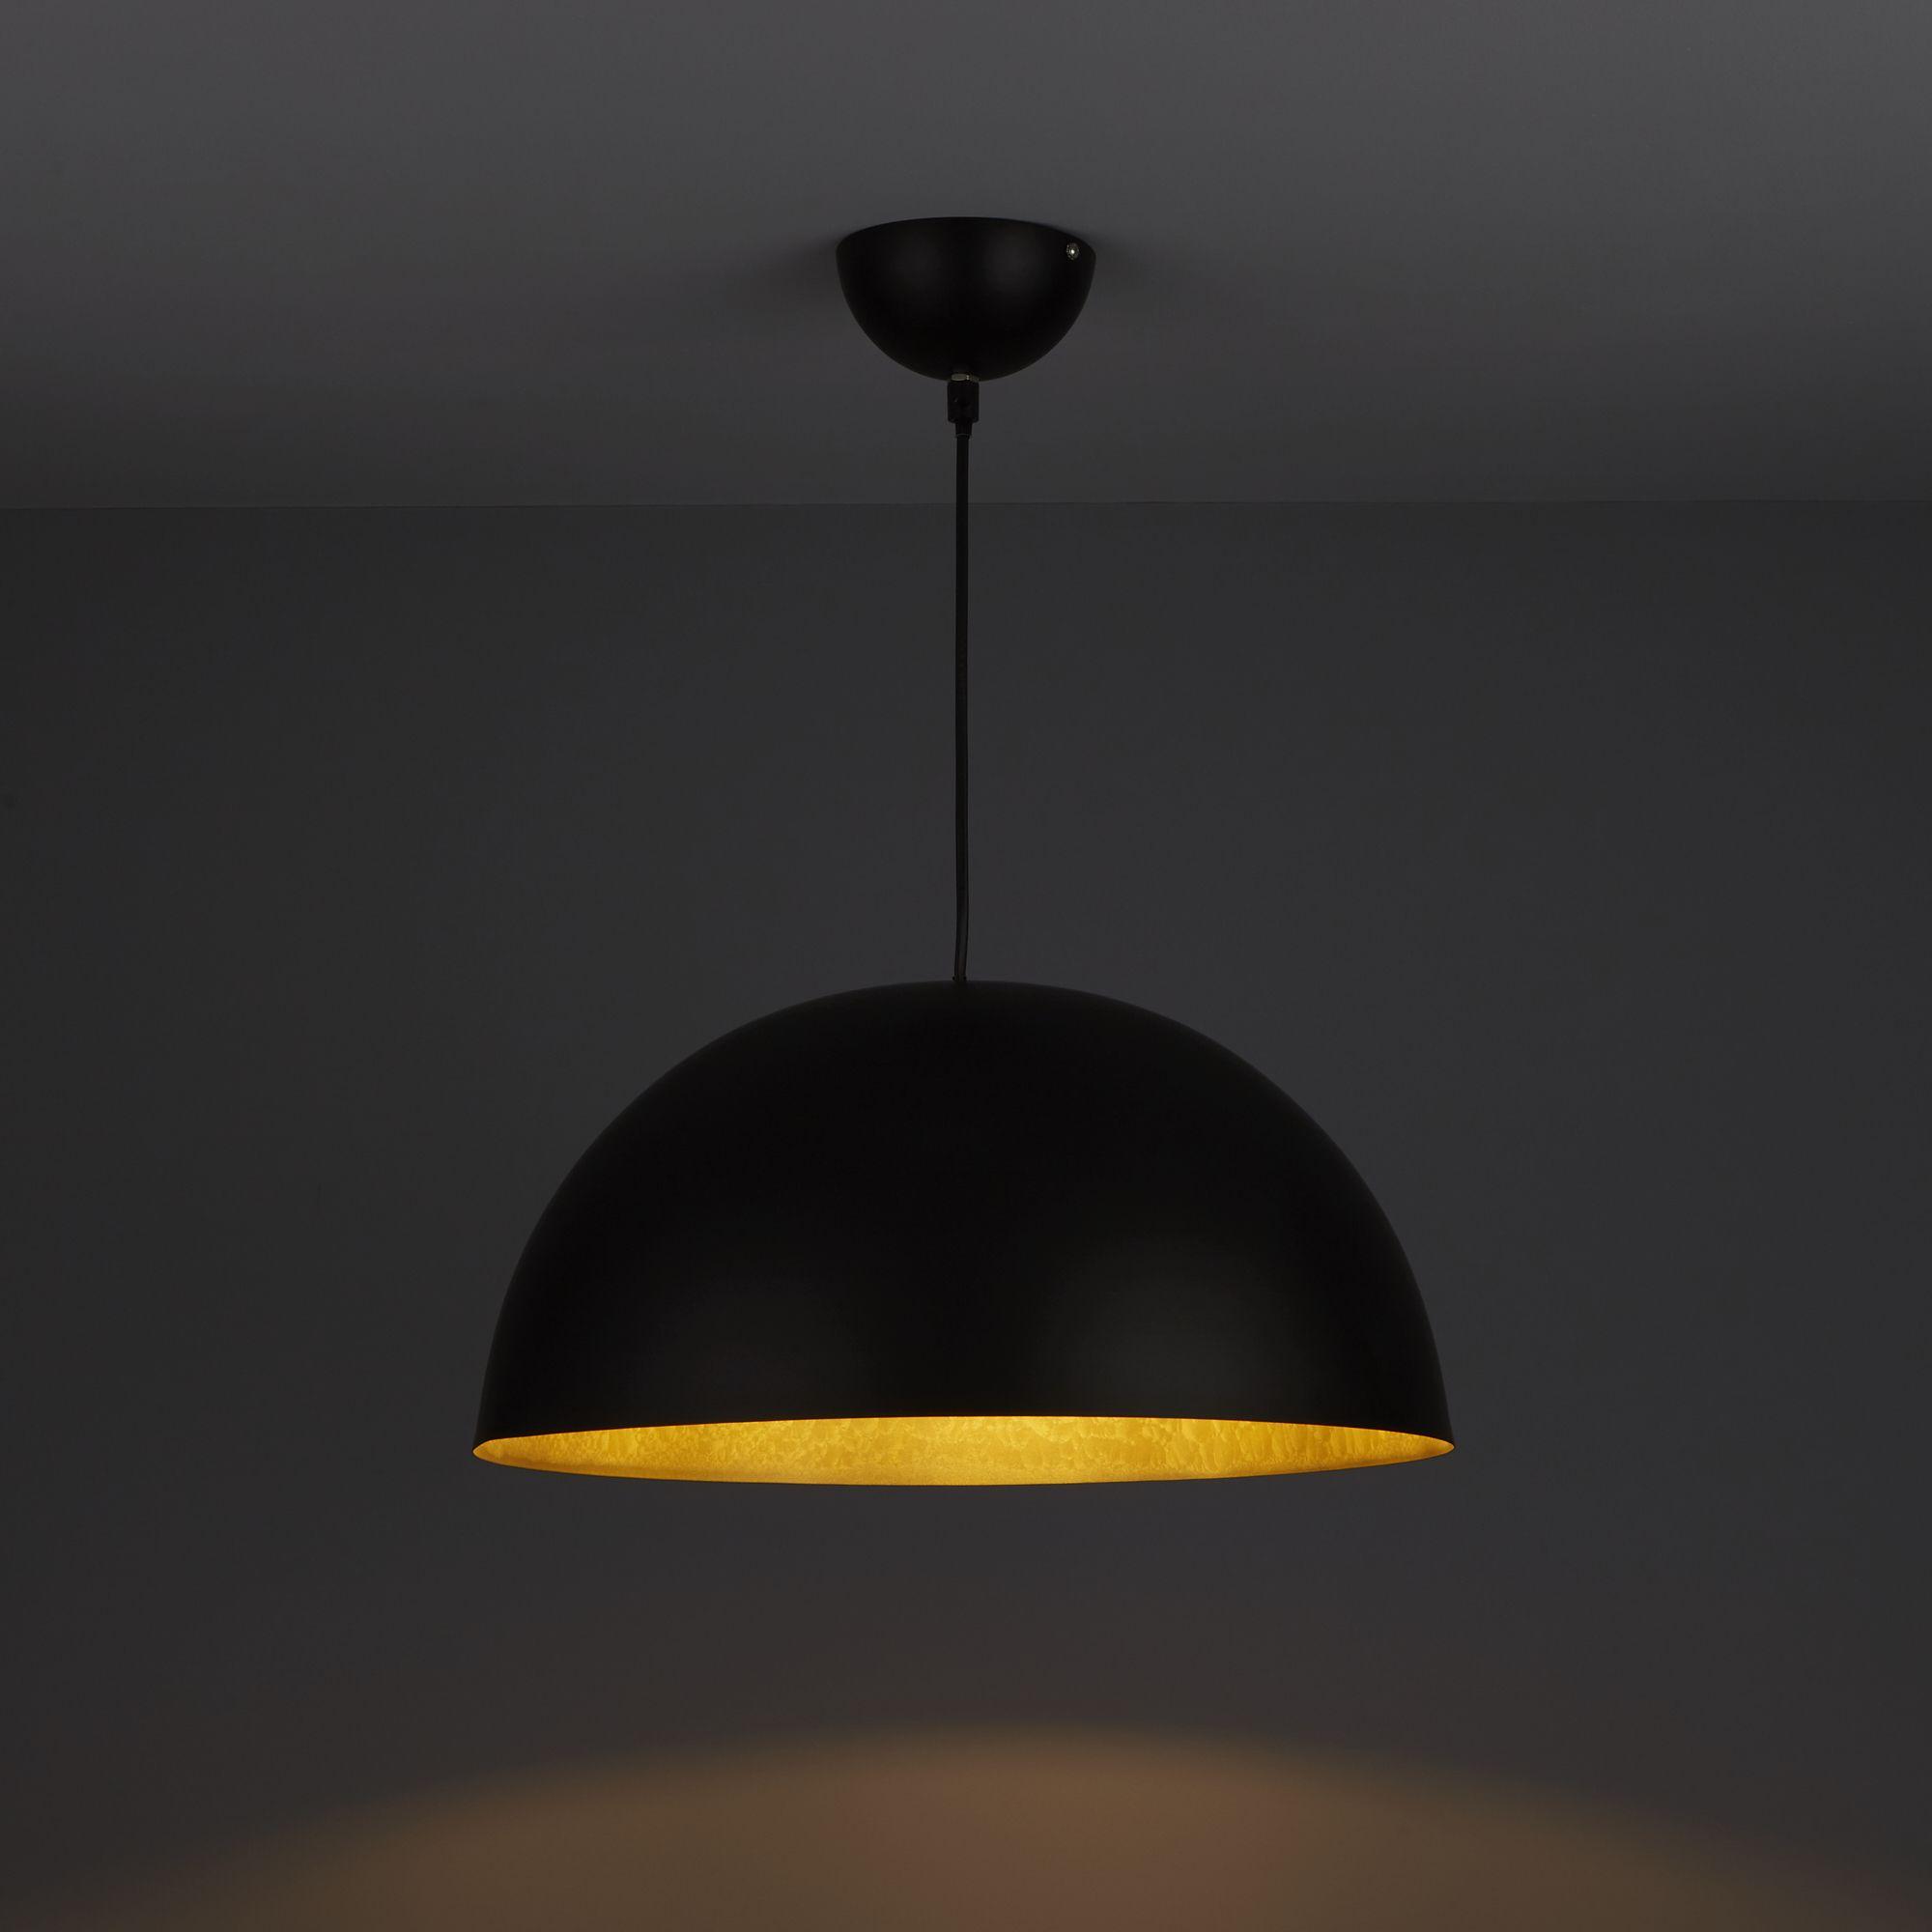 Ceiling Dome Light: Kapsel Dome Black Pendant Ceiling Light